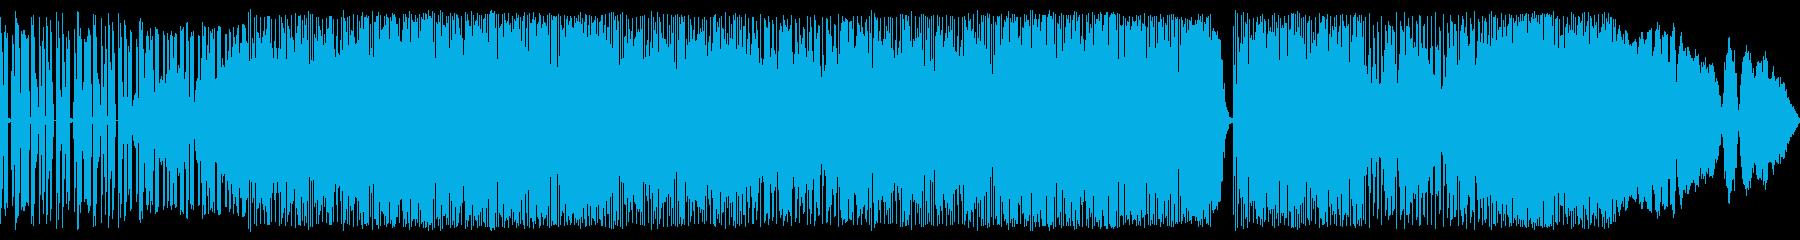 壮大な雰囲気のオーケストラ調ポップスの再生済みの波形